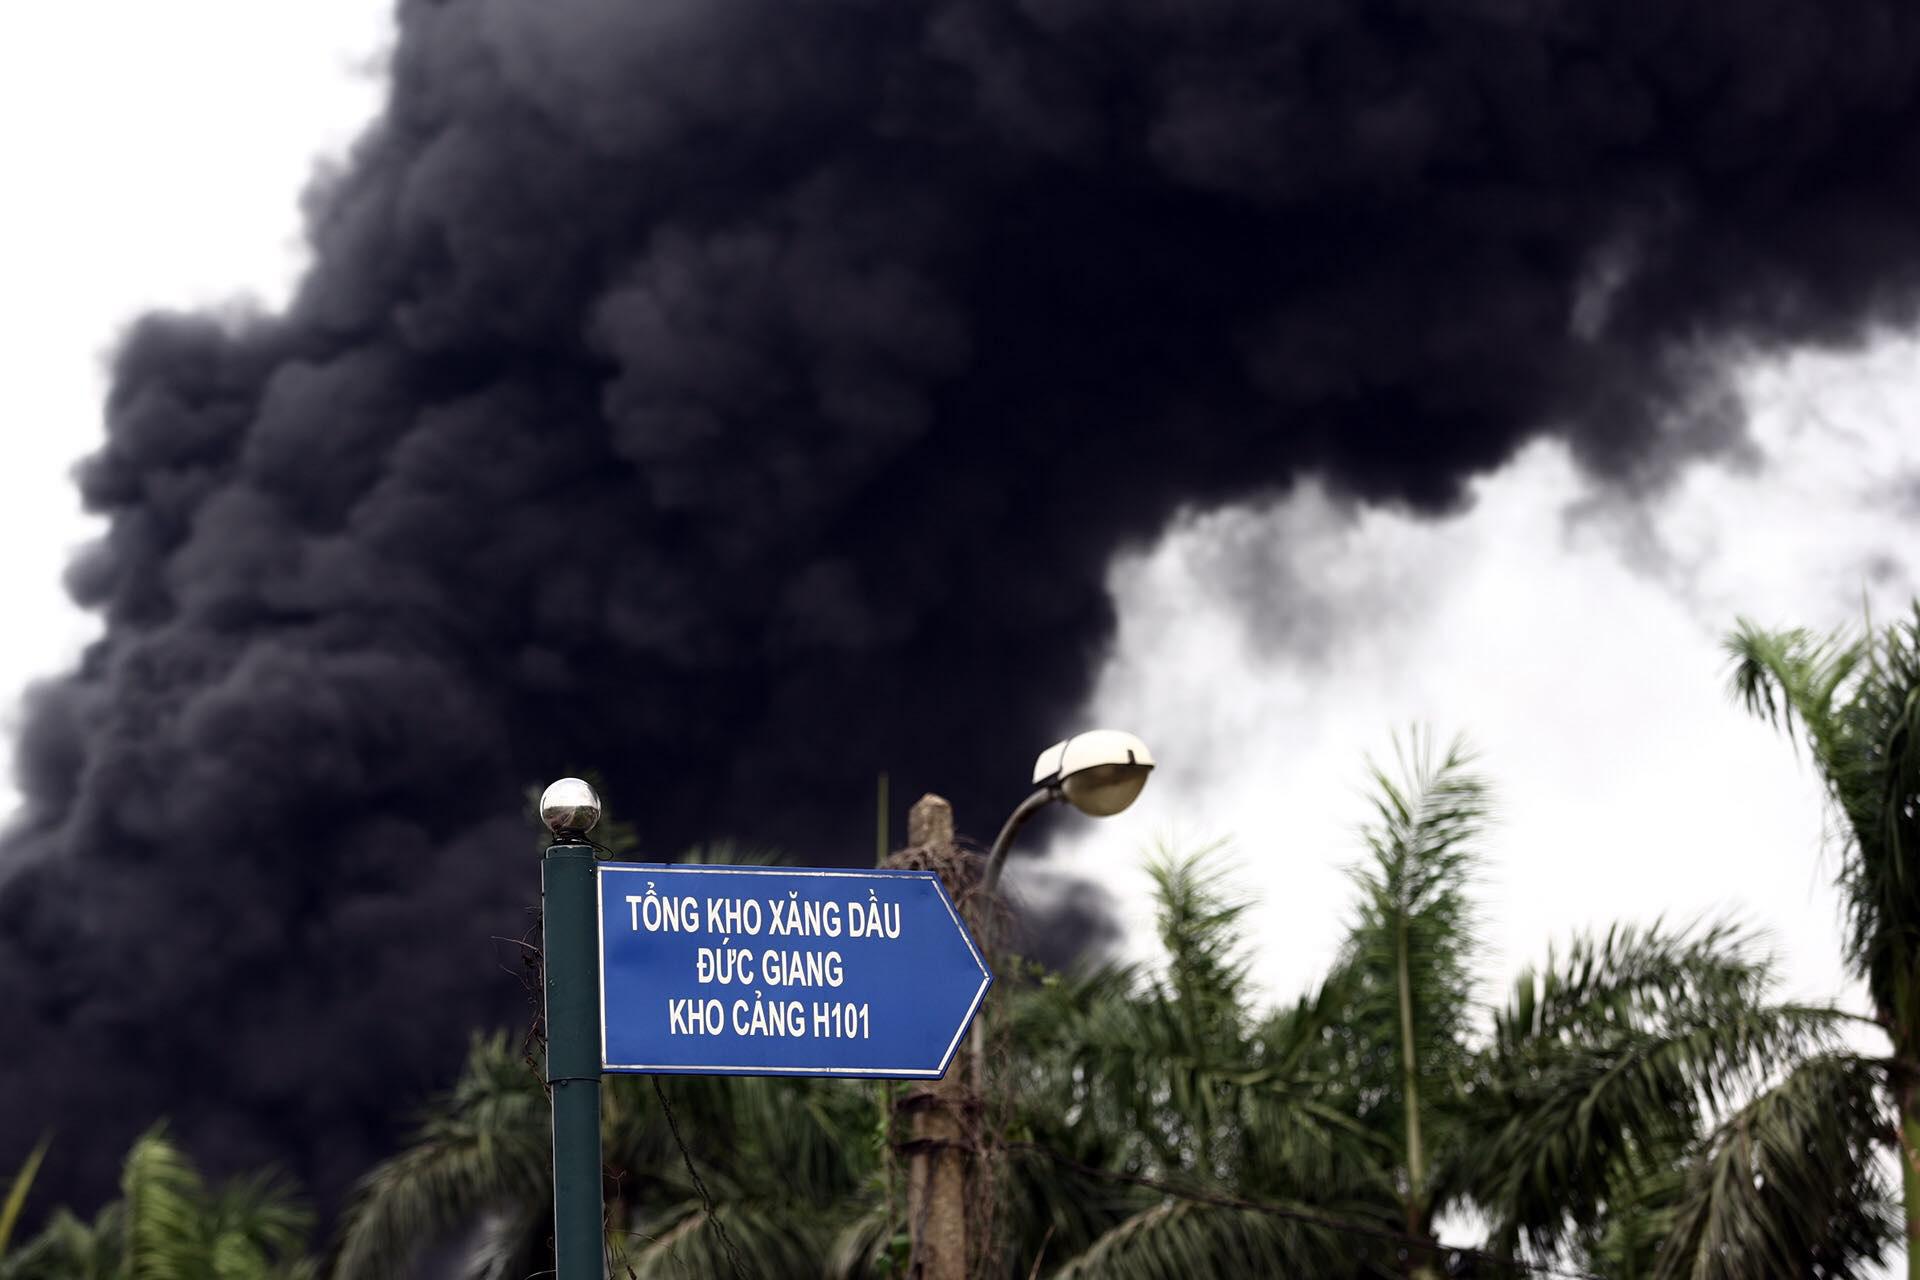 Hà Nội: Cháy cực lớn kho hóa chất ở cảng Đức Giang - Ảnh 4.